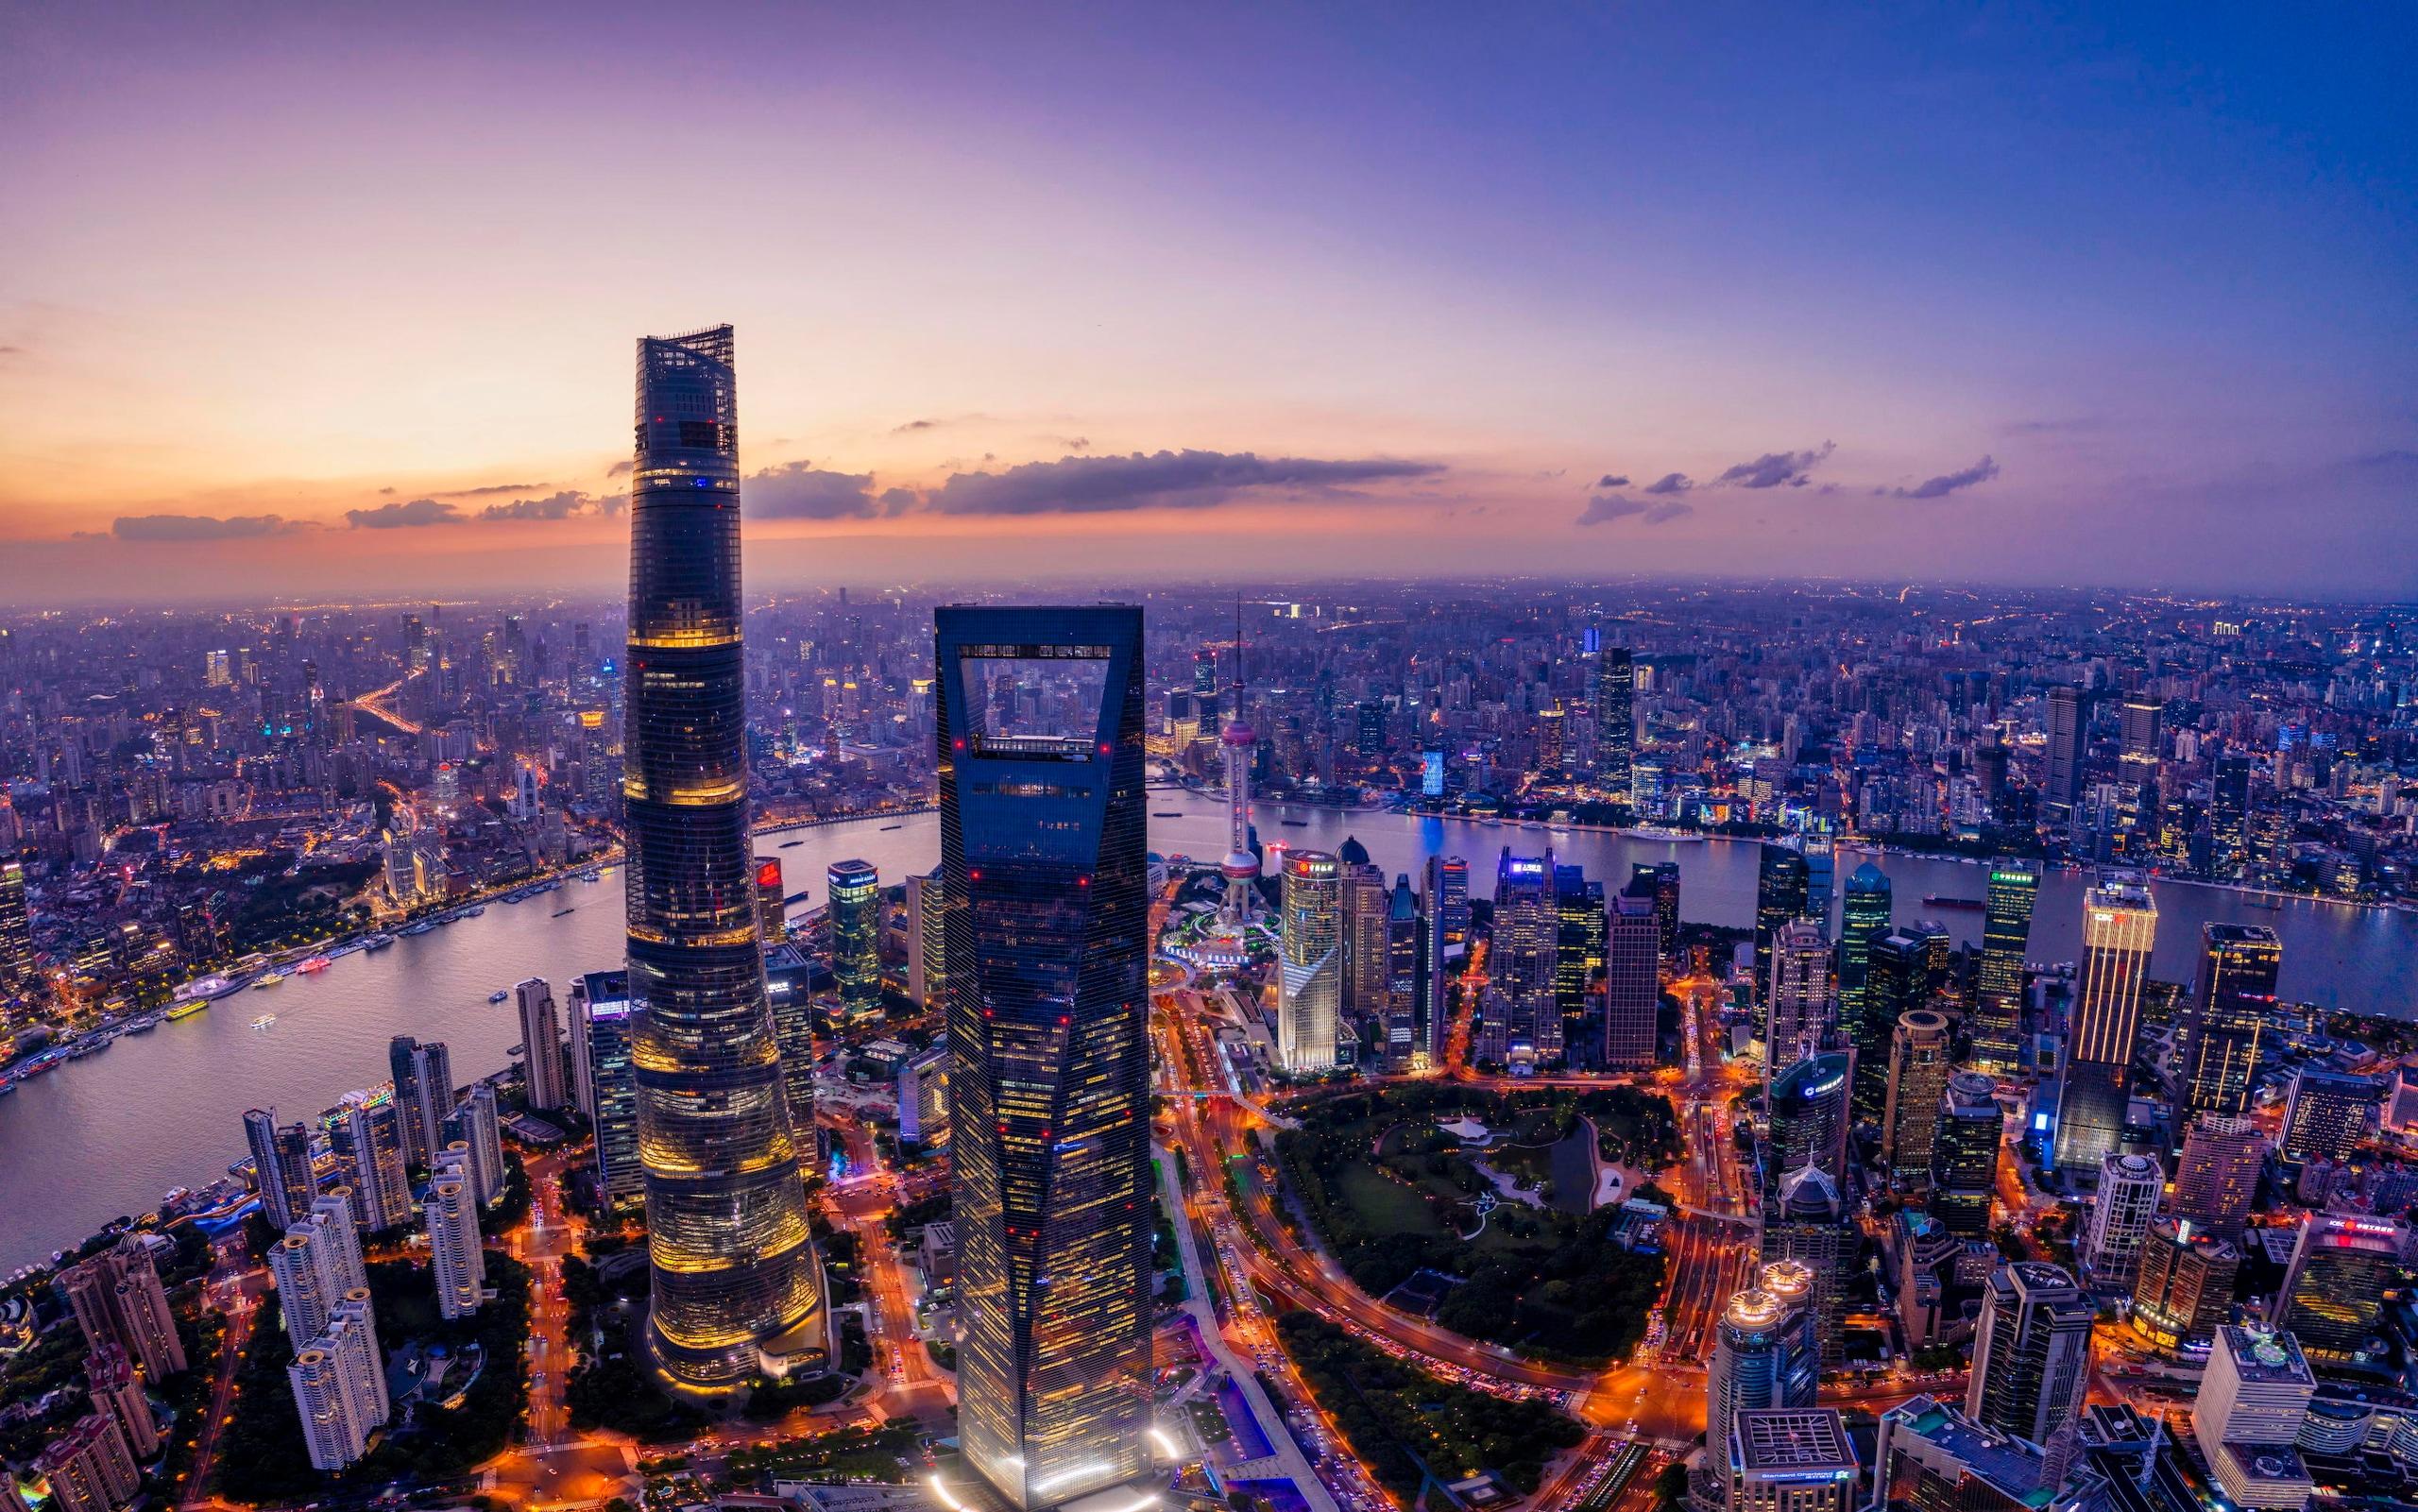 035704716 c3bad35e 8eeb 40bc a623 6929180116a3 - Borsa: Shanghai, apertura in rialzo